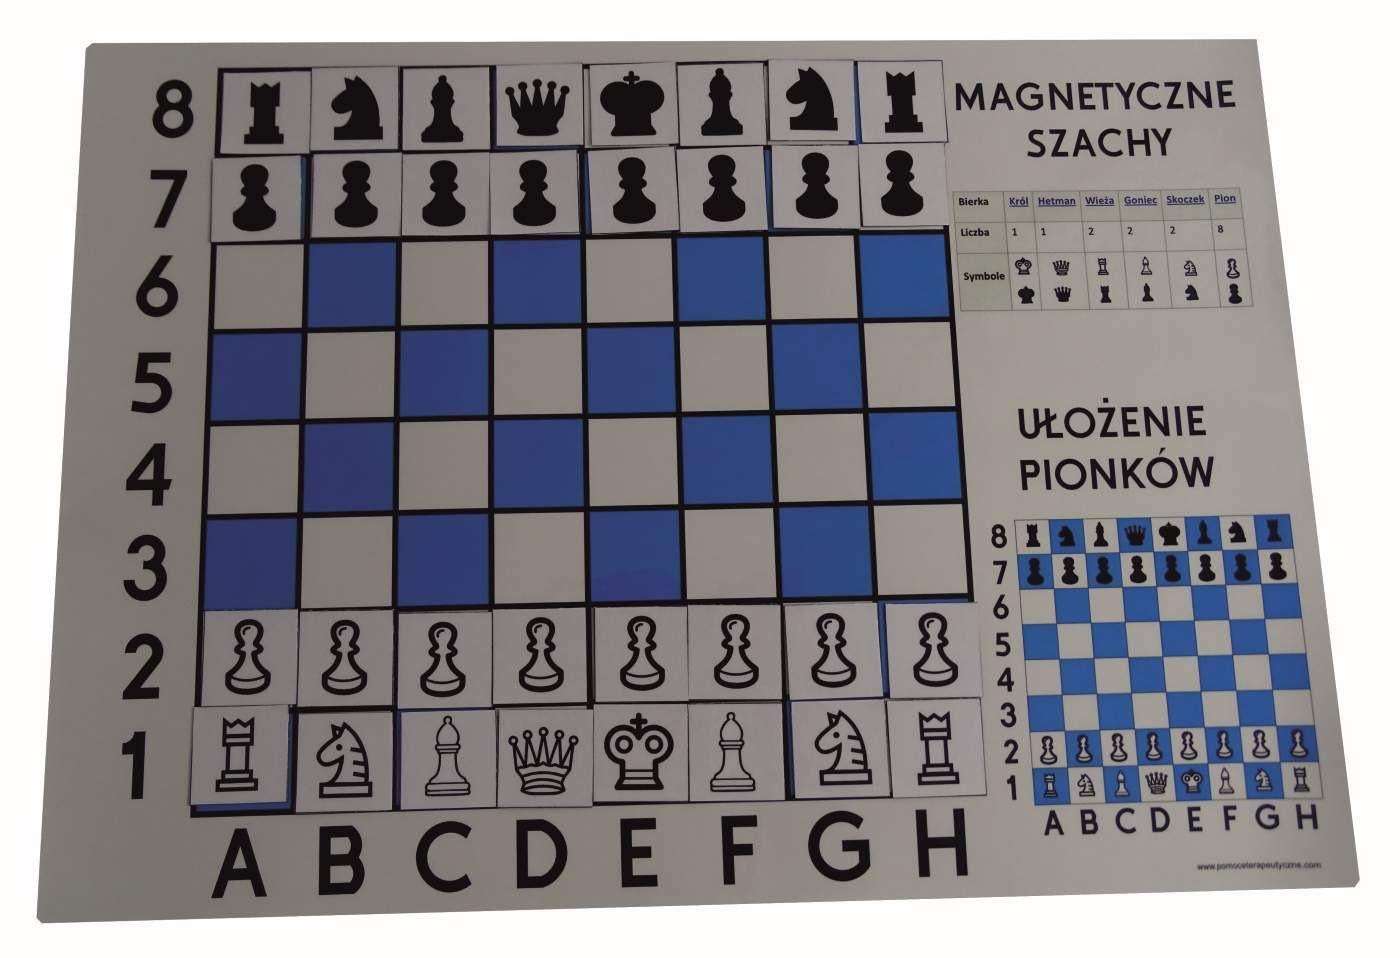 Szachy Tablica Magnetyczna A3 Demonstracyjna